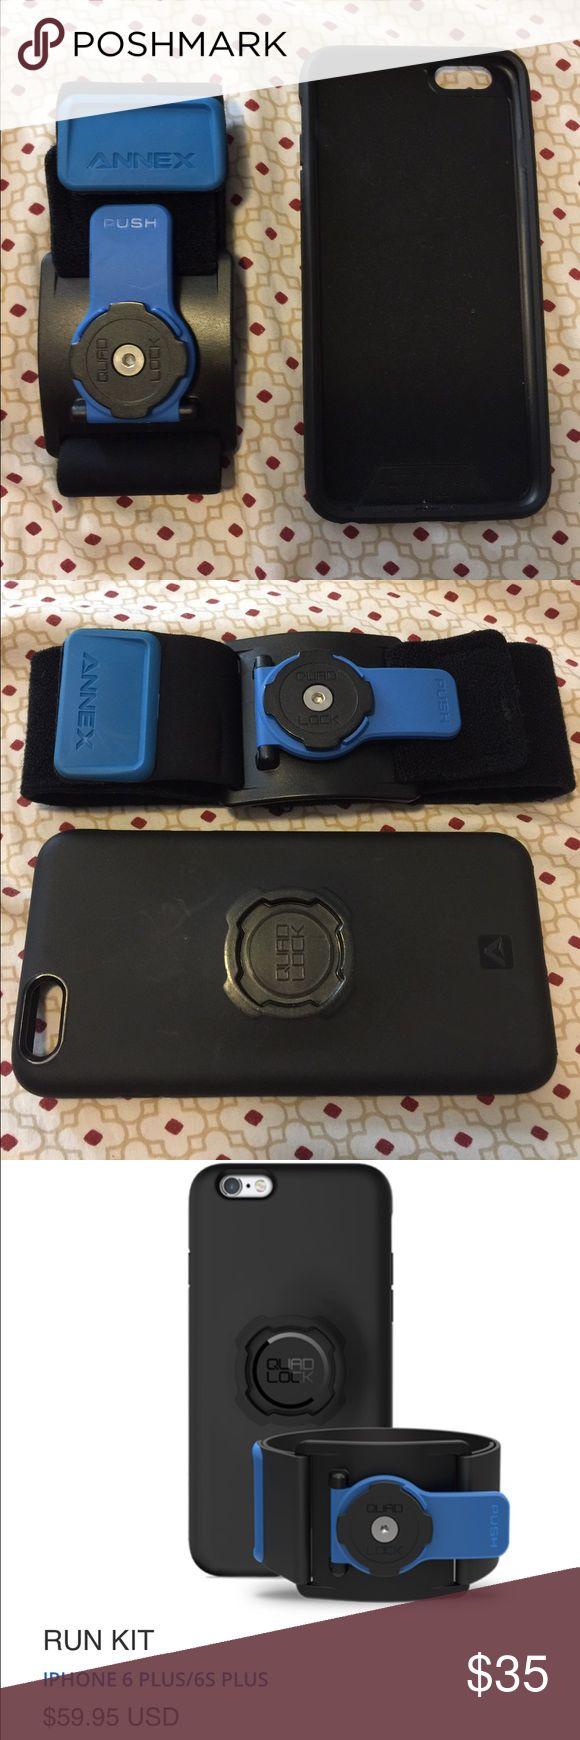 QUAD LOCK & armband for iPhone 6/6s plus QUAD LOCK & armband for iPhone 6/6s plus Quad Lock Accessories Phone Cases